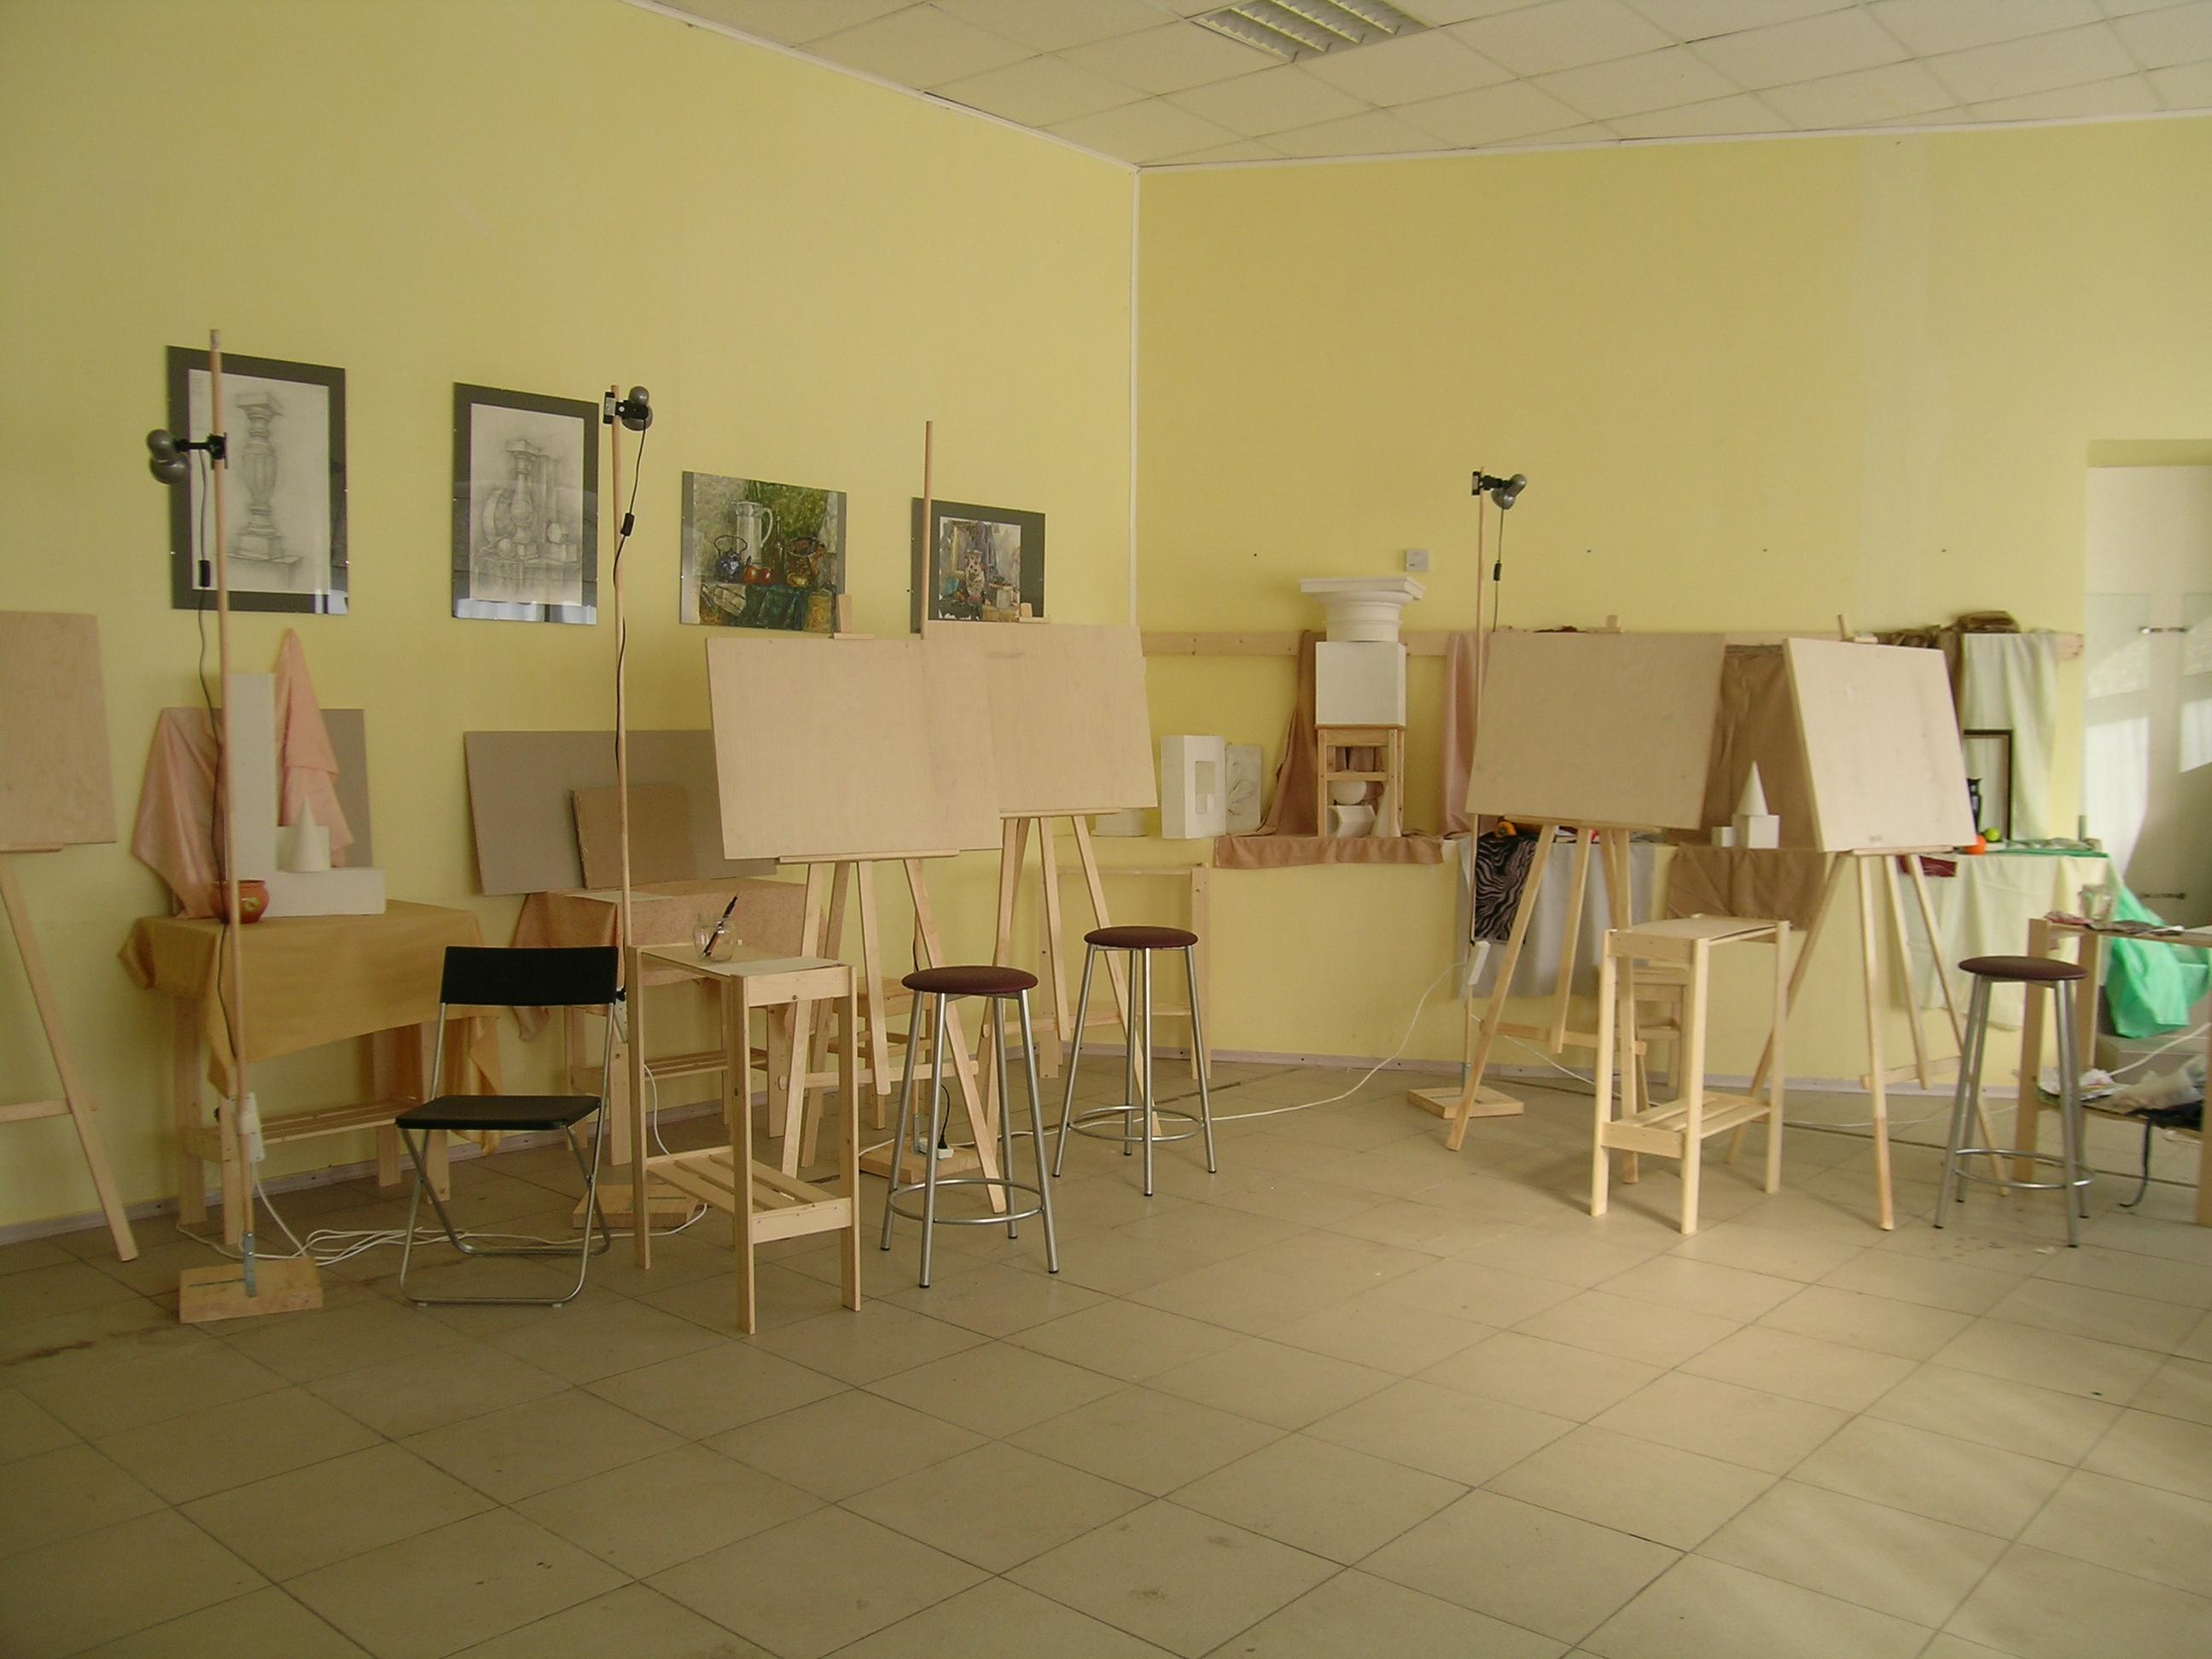 Студия рисунка и живописи в Петербурге. Курсы для взрослых